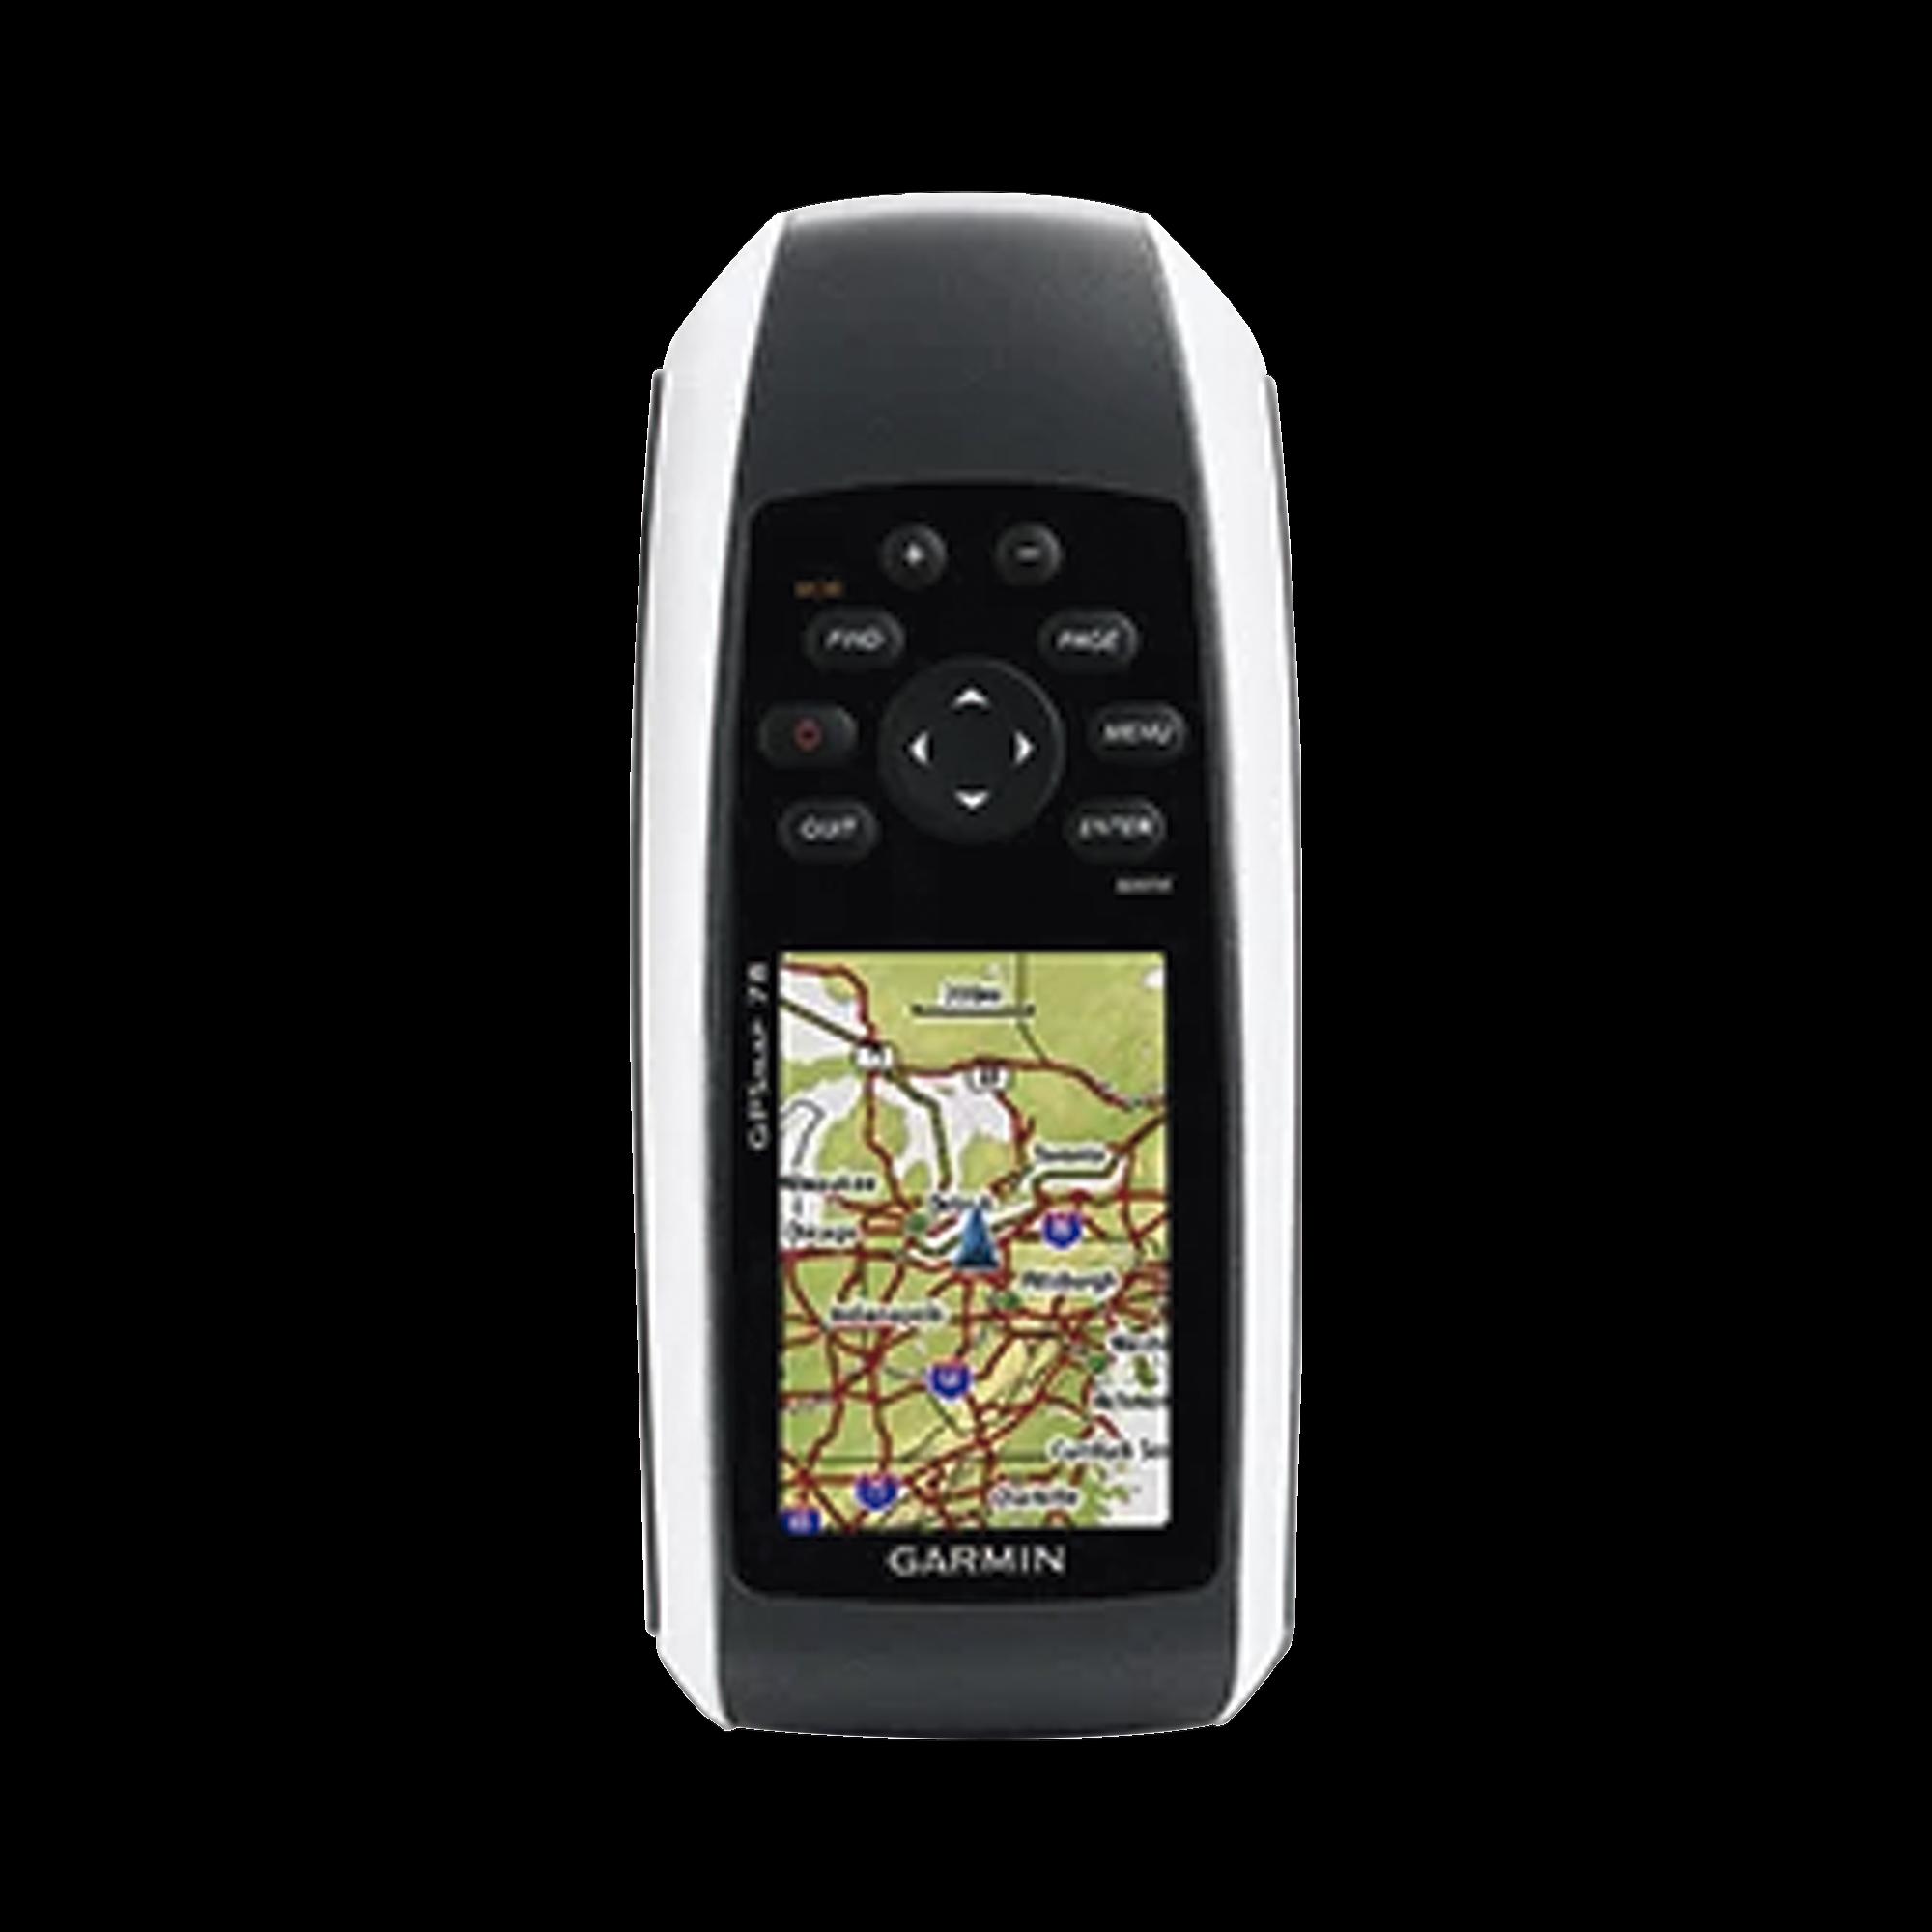 GPSMAP 78, equipo portátil ideal para navegación y deportes acuáticos, con capacidad de  flotar, pantalla a color y sumergible IPX7